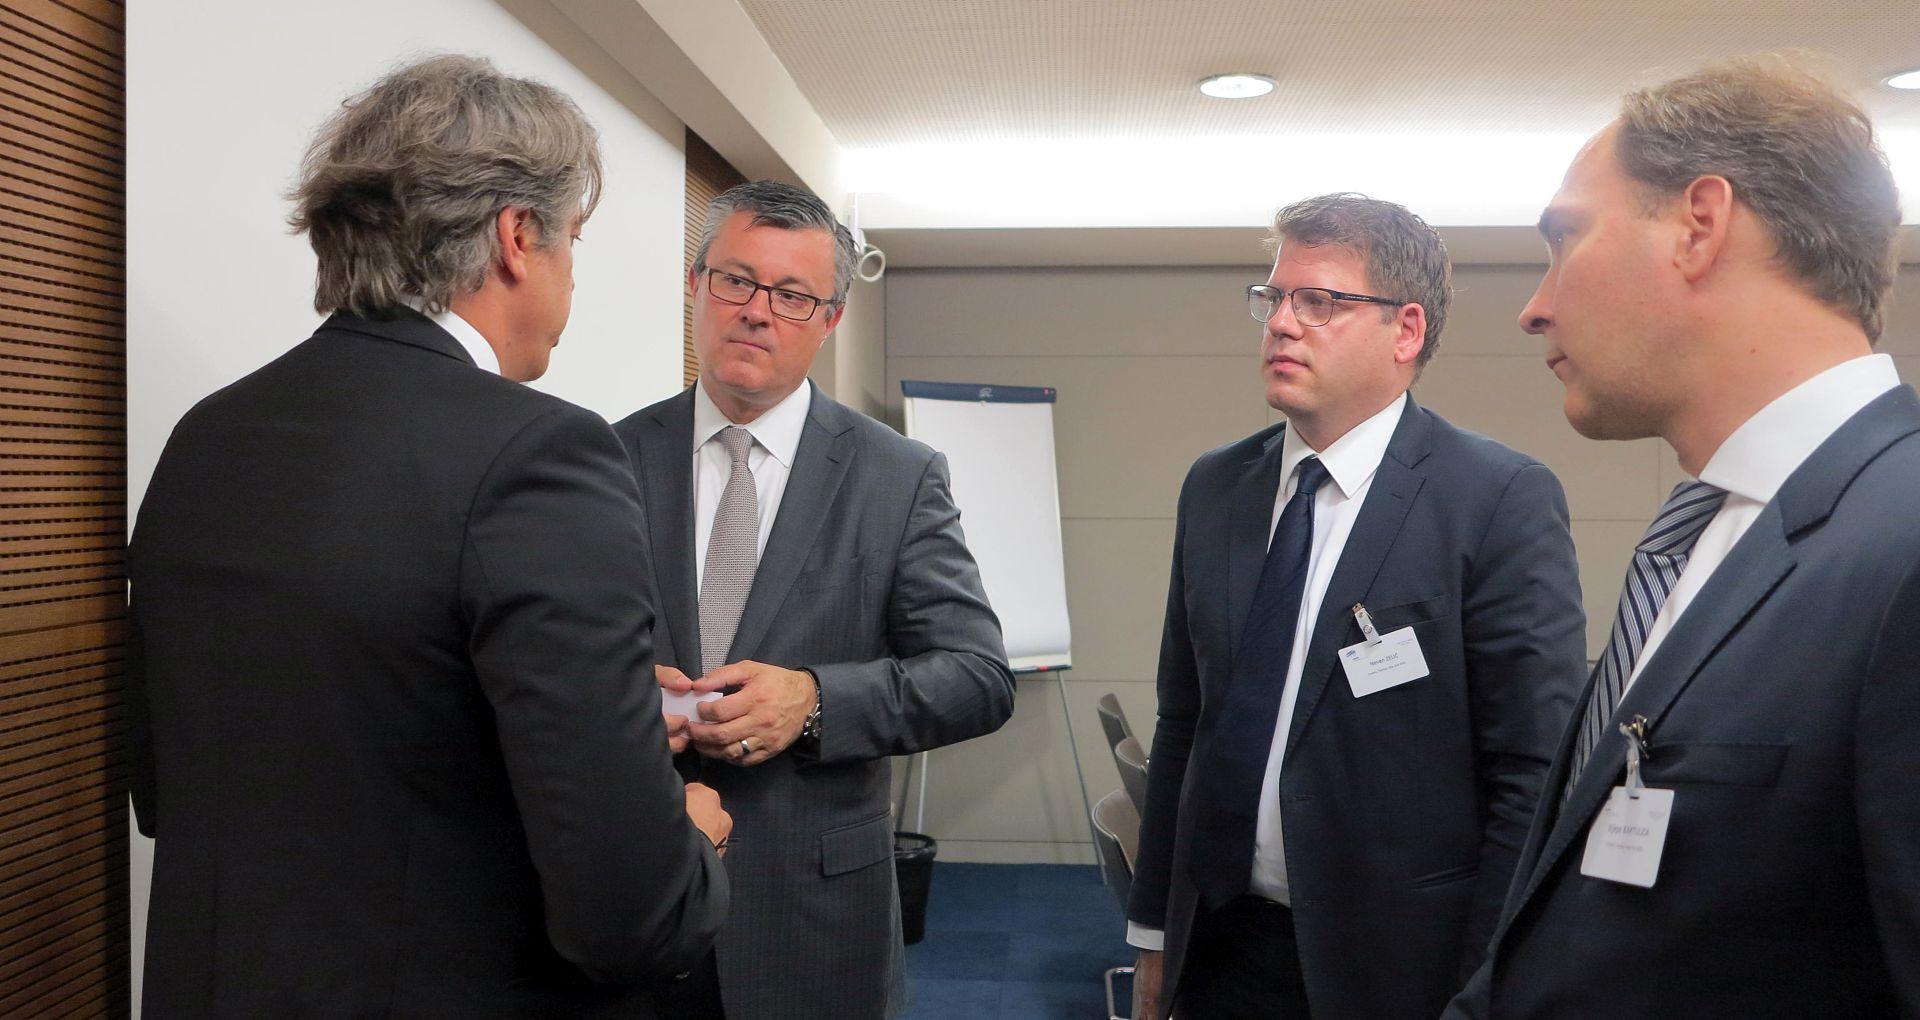 ULAGANJA U HRVATSKU: Orešković zadovoljan razgovorom s francuskim poslovnim ljudima